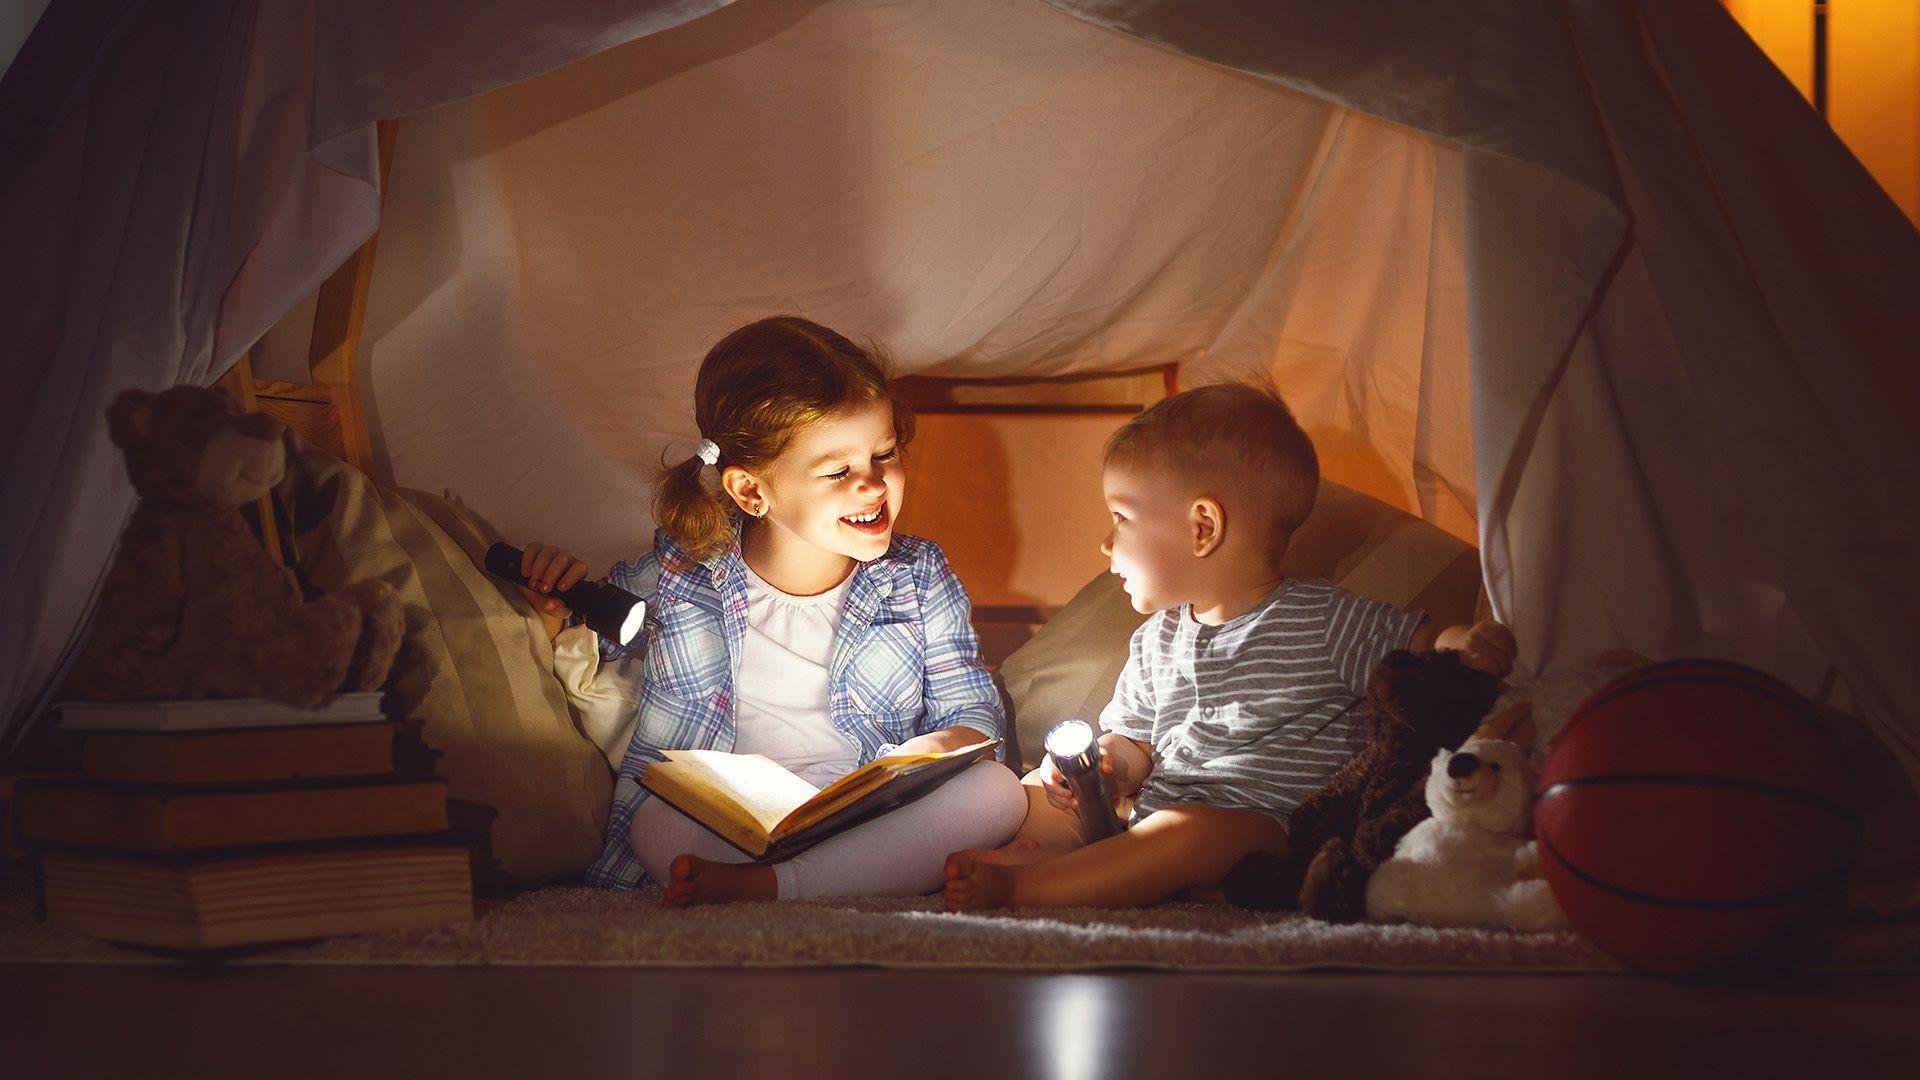 Kinderen spelen in een tent gemaakt van dekens - thuiswerken - kinderactiviteiten